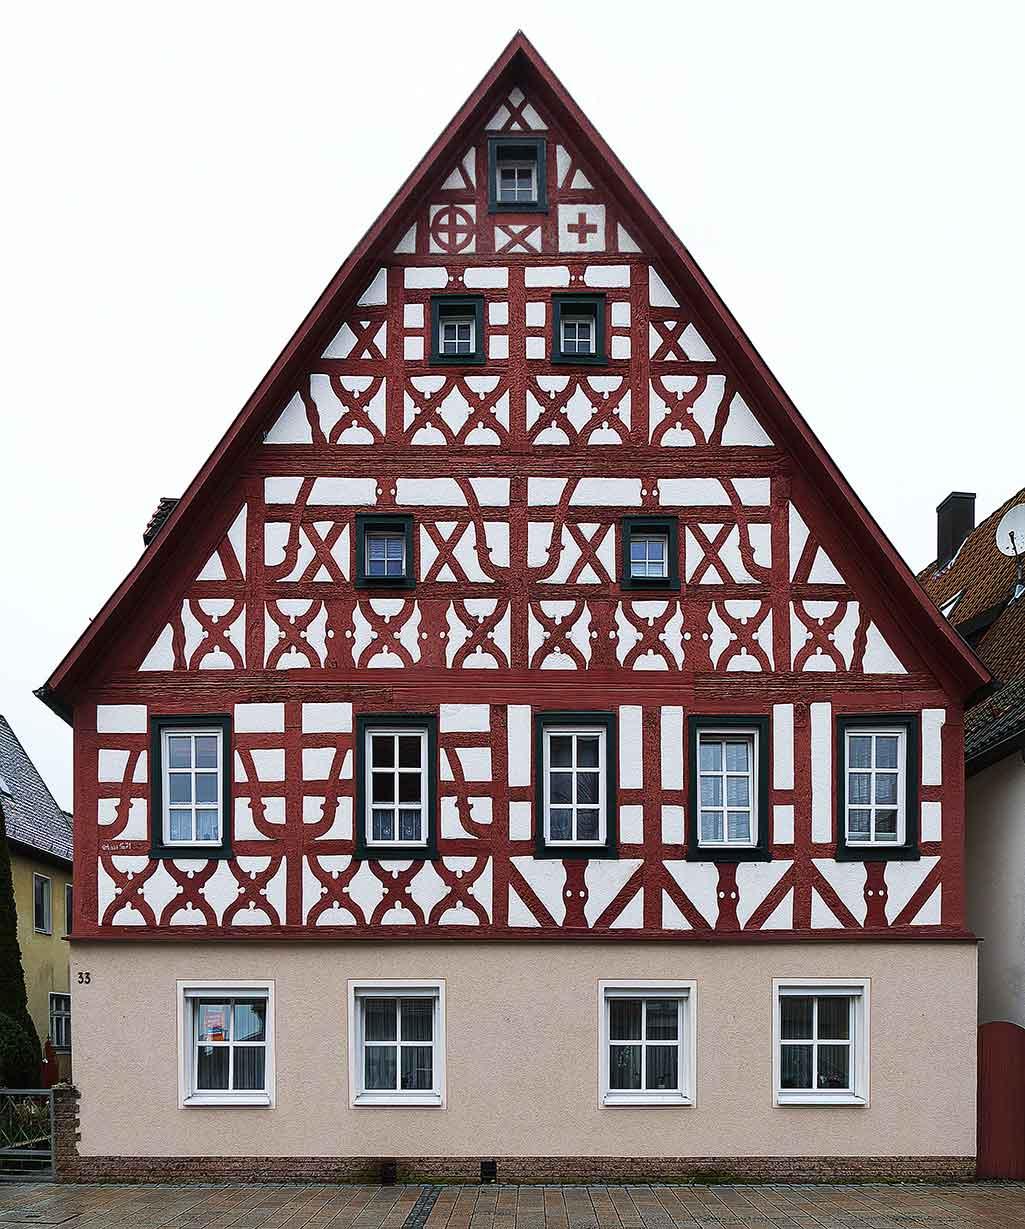 Ausfachung Fachwerk Sachverständiger und Gutachter für Immobilien Bernd A. Binder